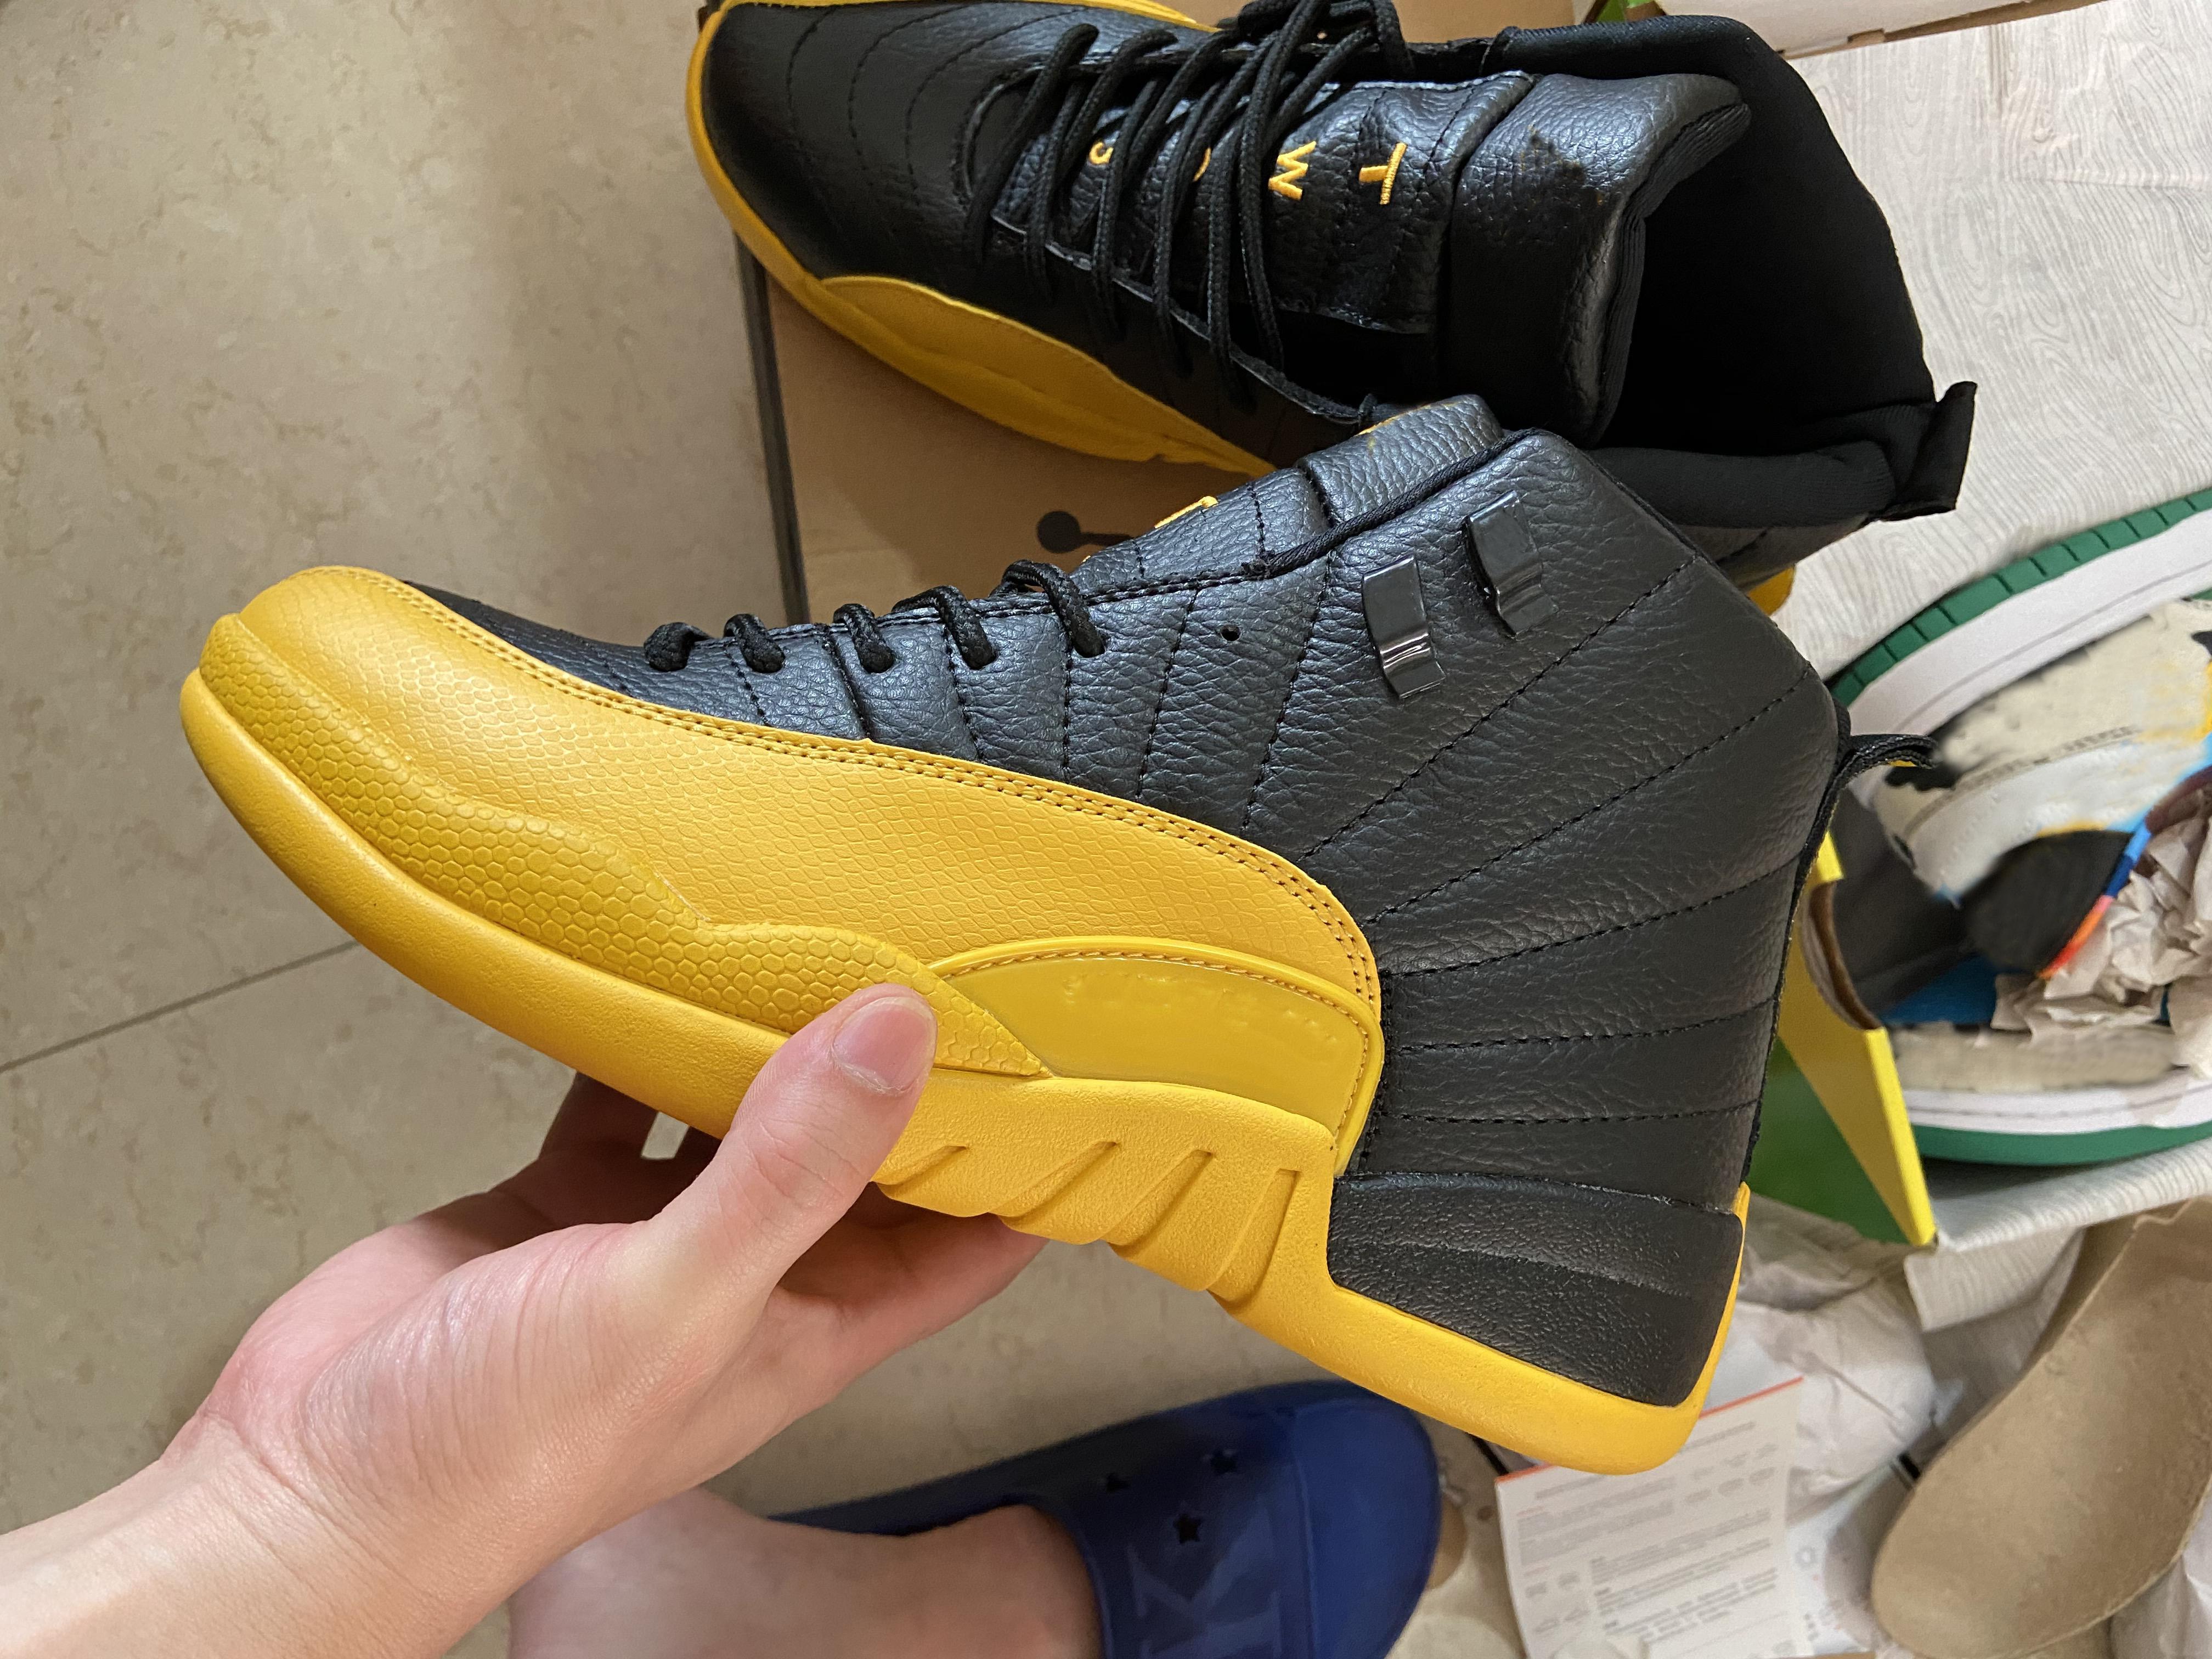 2021 جامعة الذهب الأنفلونزا لعبة 12 أحذية النيلي ستون الأزرق مع مربع جيد كرة السلة الأحذية متجر بالجملة